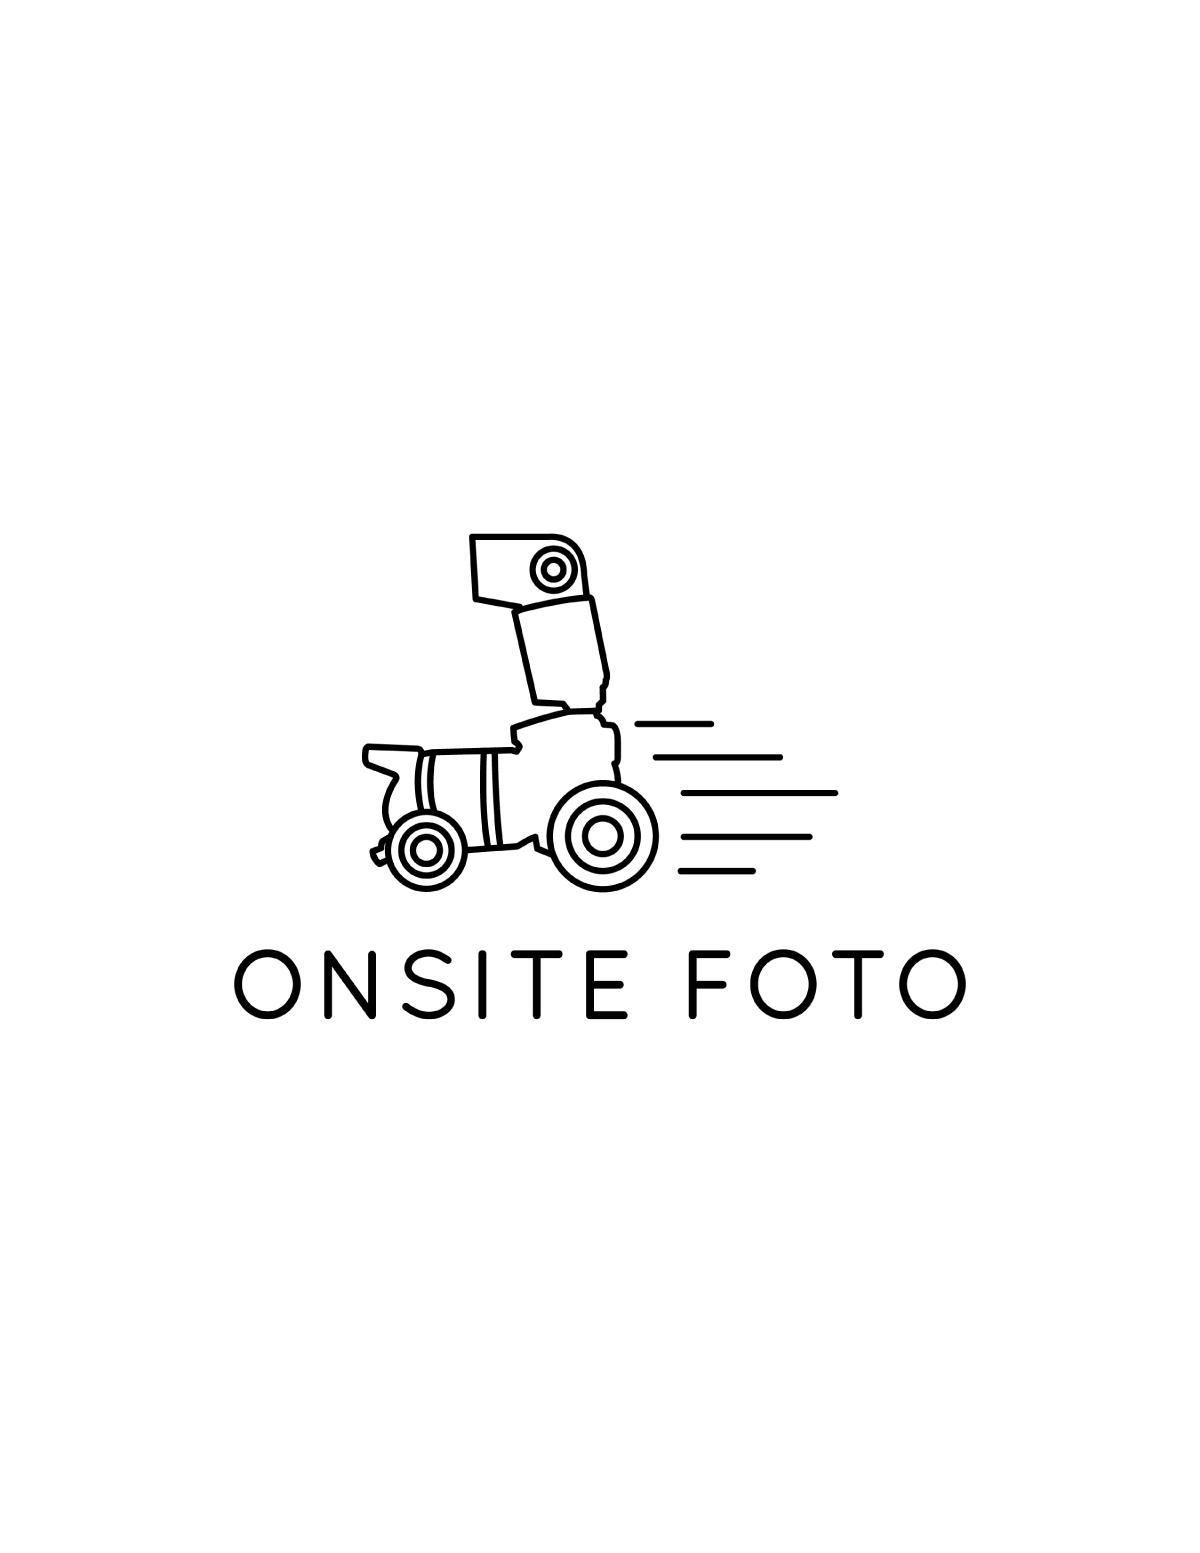 Onsite-Logo-8.jpg